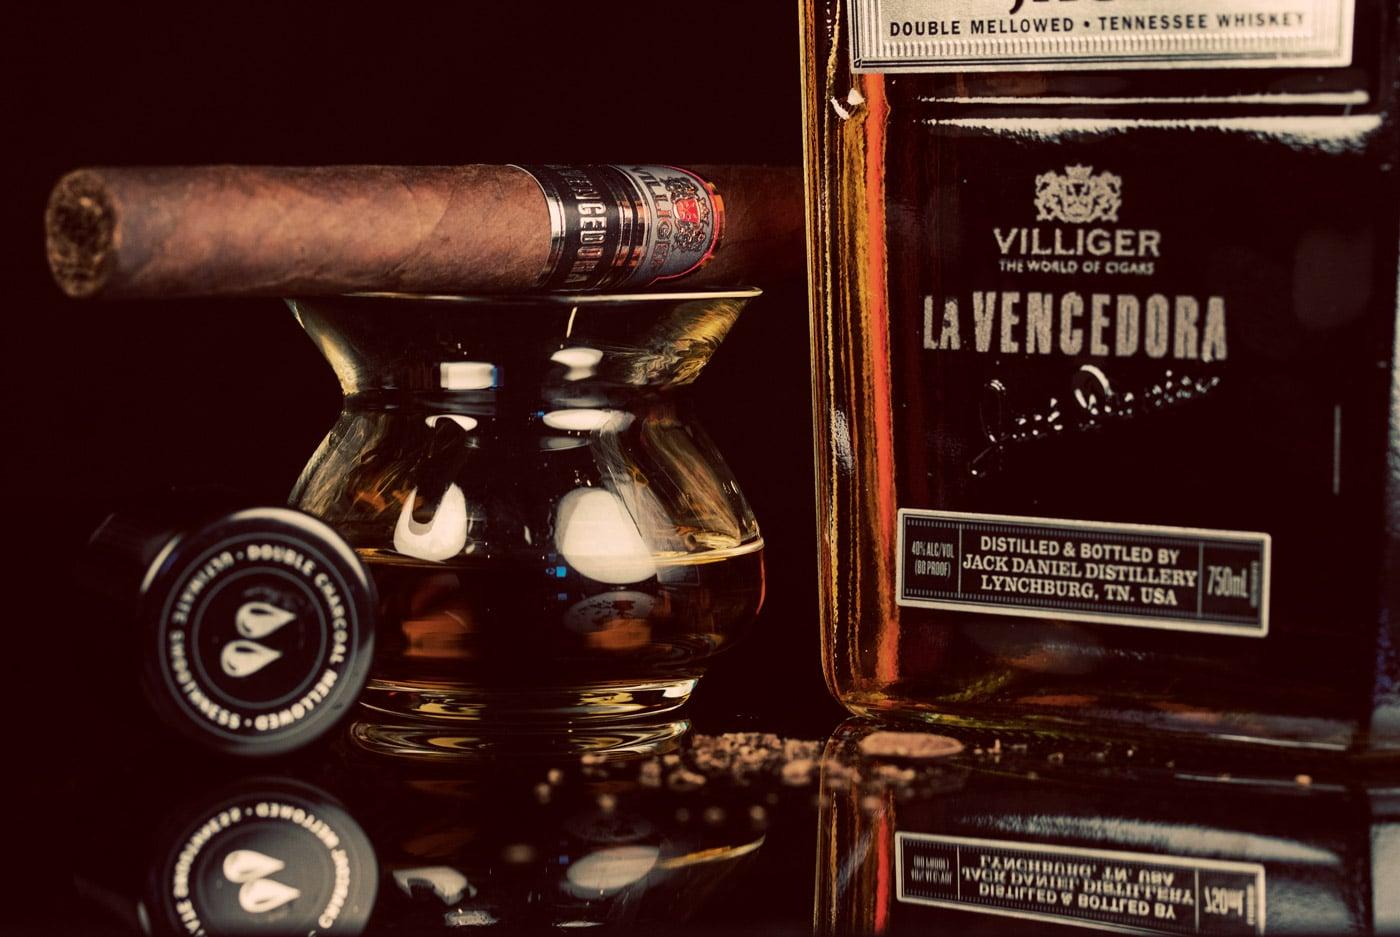 Villiger La Vencedora Toro cigar review